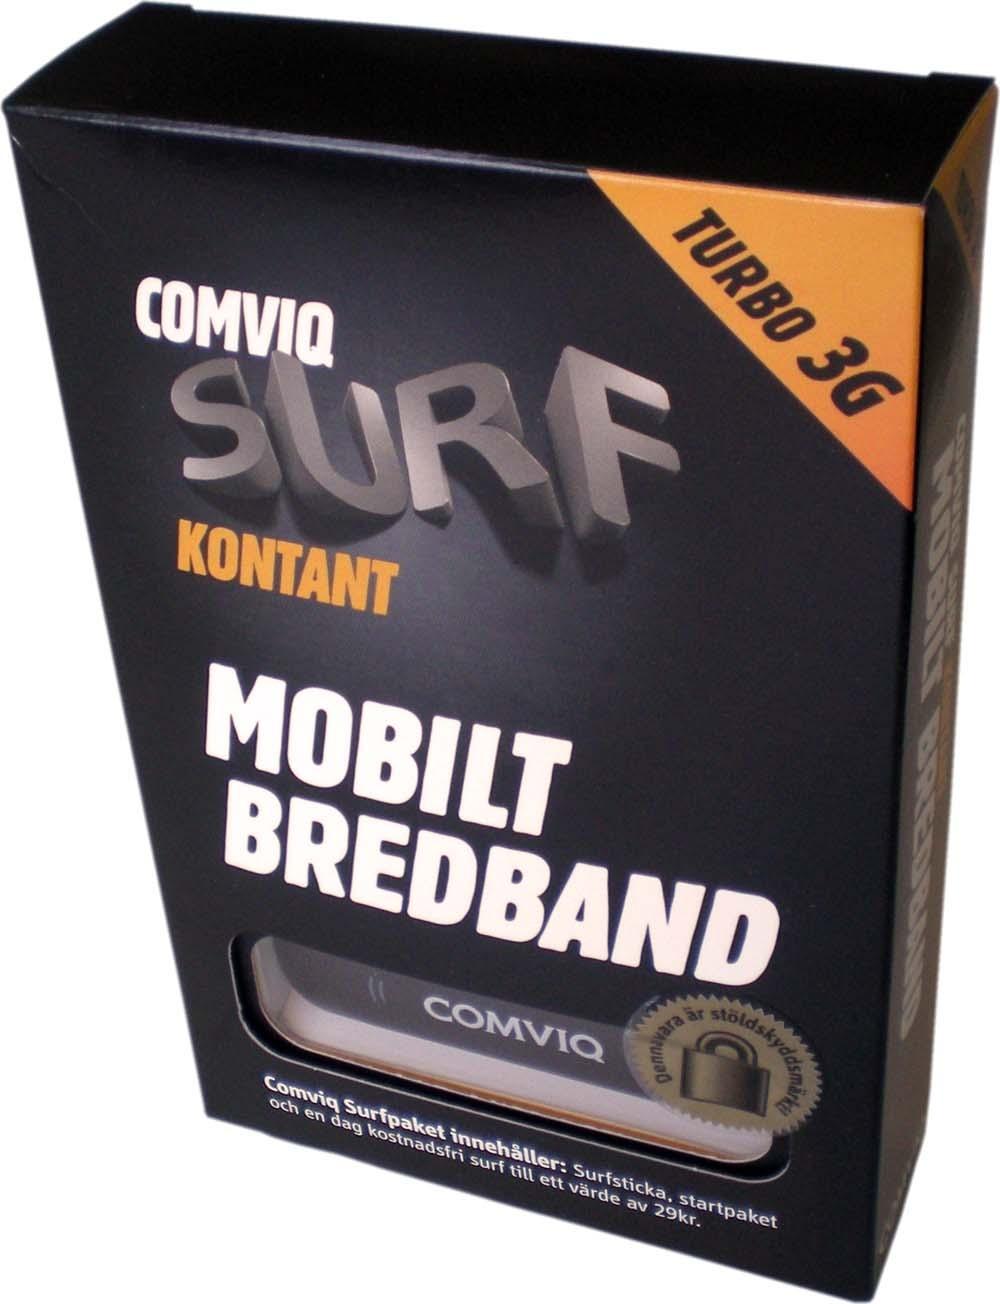 Mobil bredband comviq